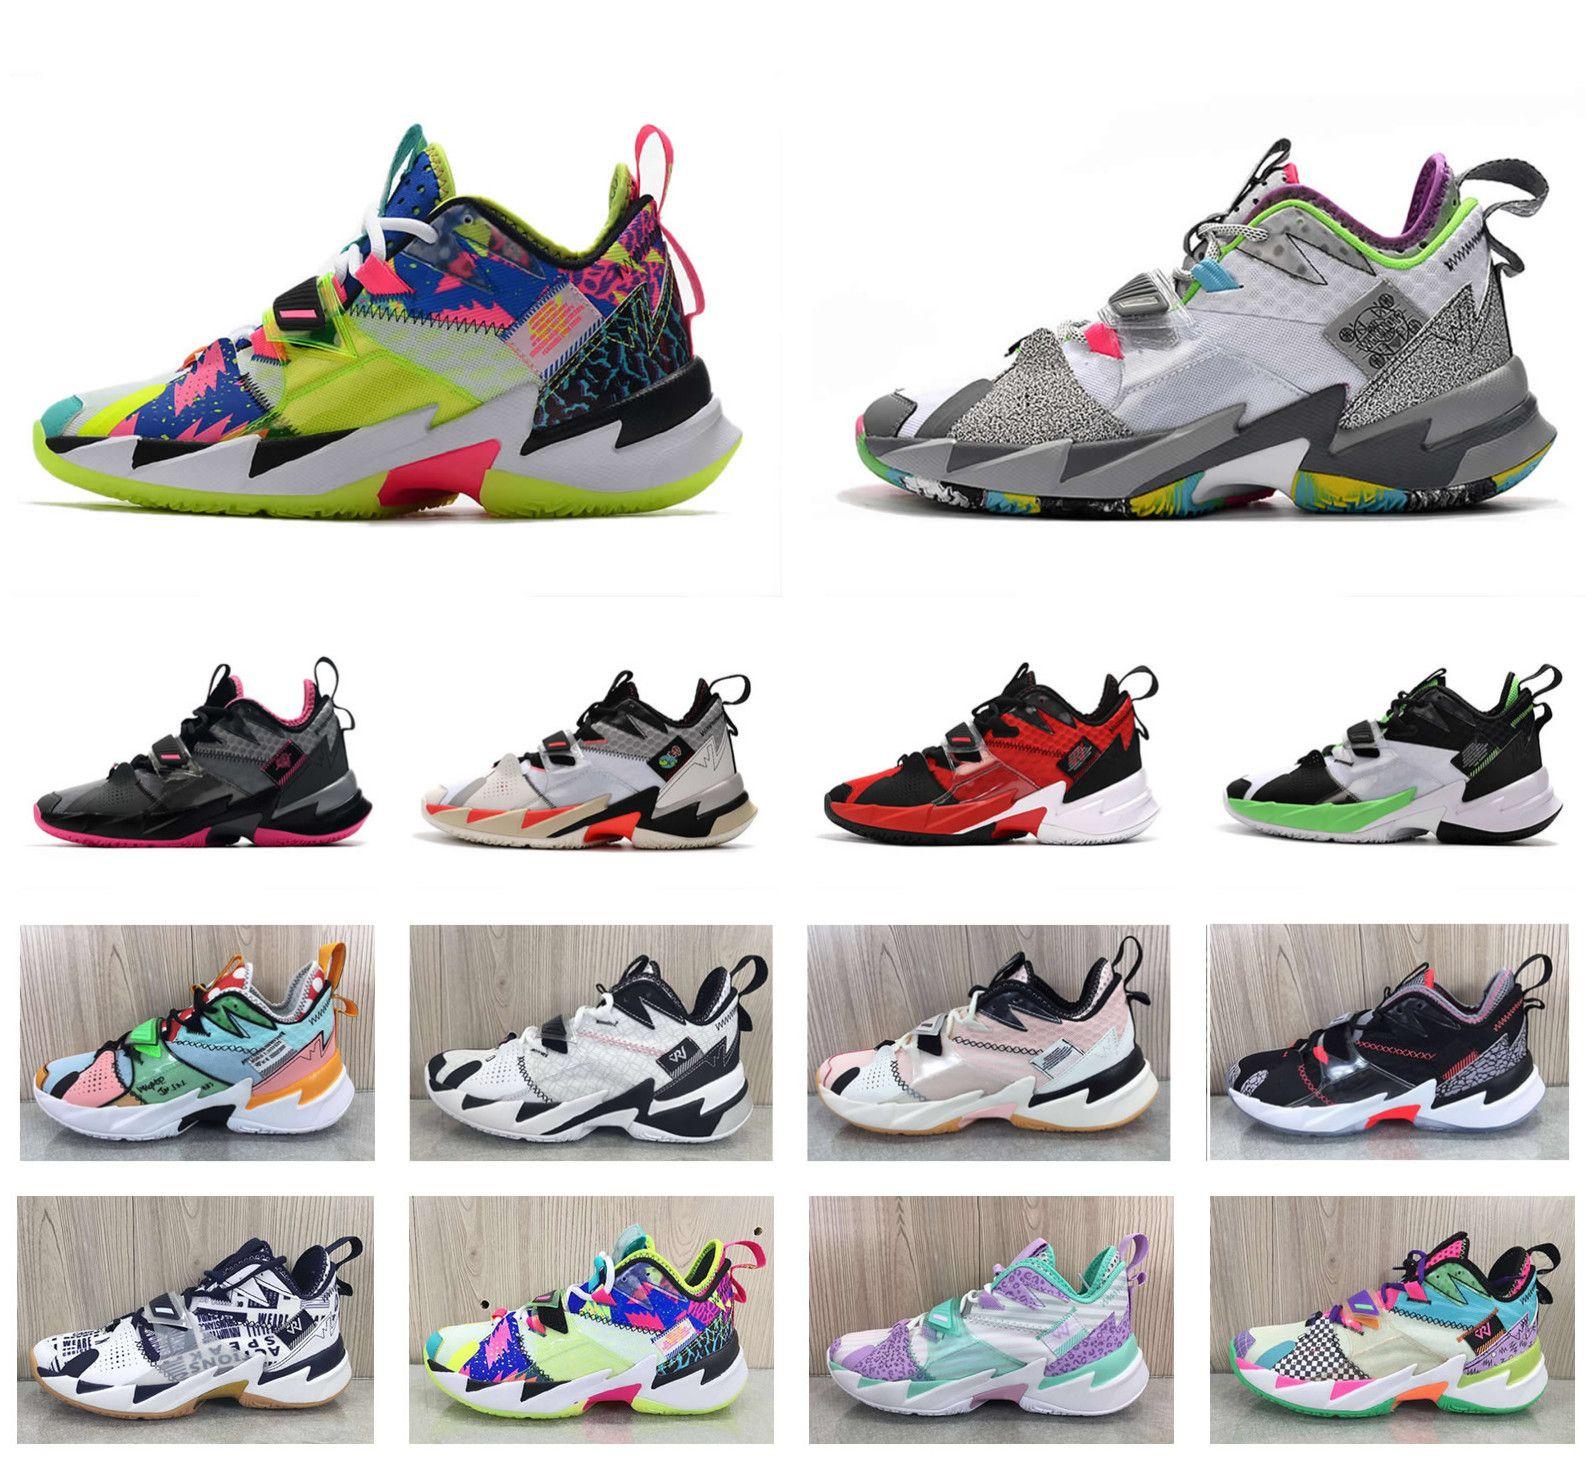 Новейшие 2020 Рассел, Почему Не Zer0.3 в III Уэстбрук 3 бренд всячески препятствовать хаосу, что Мичиган ноль.3 мужская Повседневная обувь US 7-12